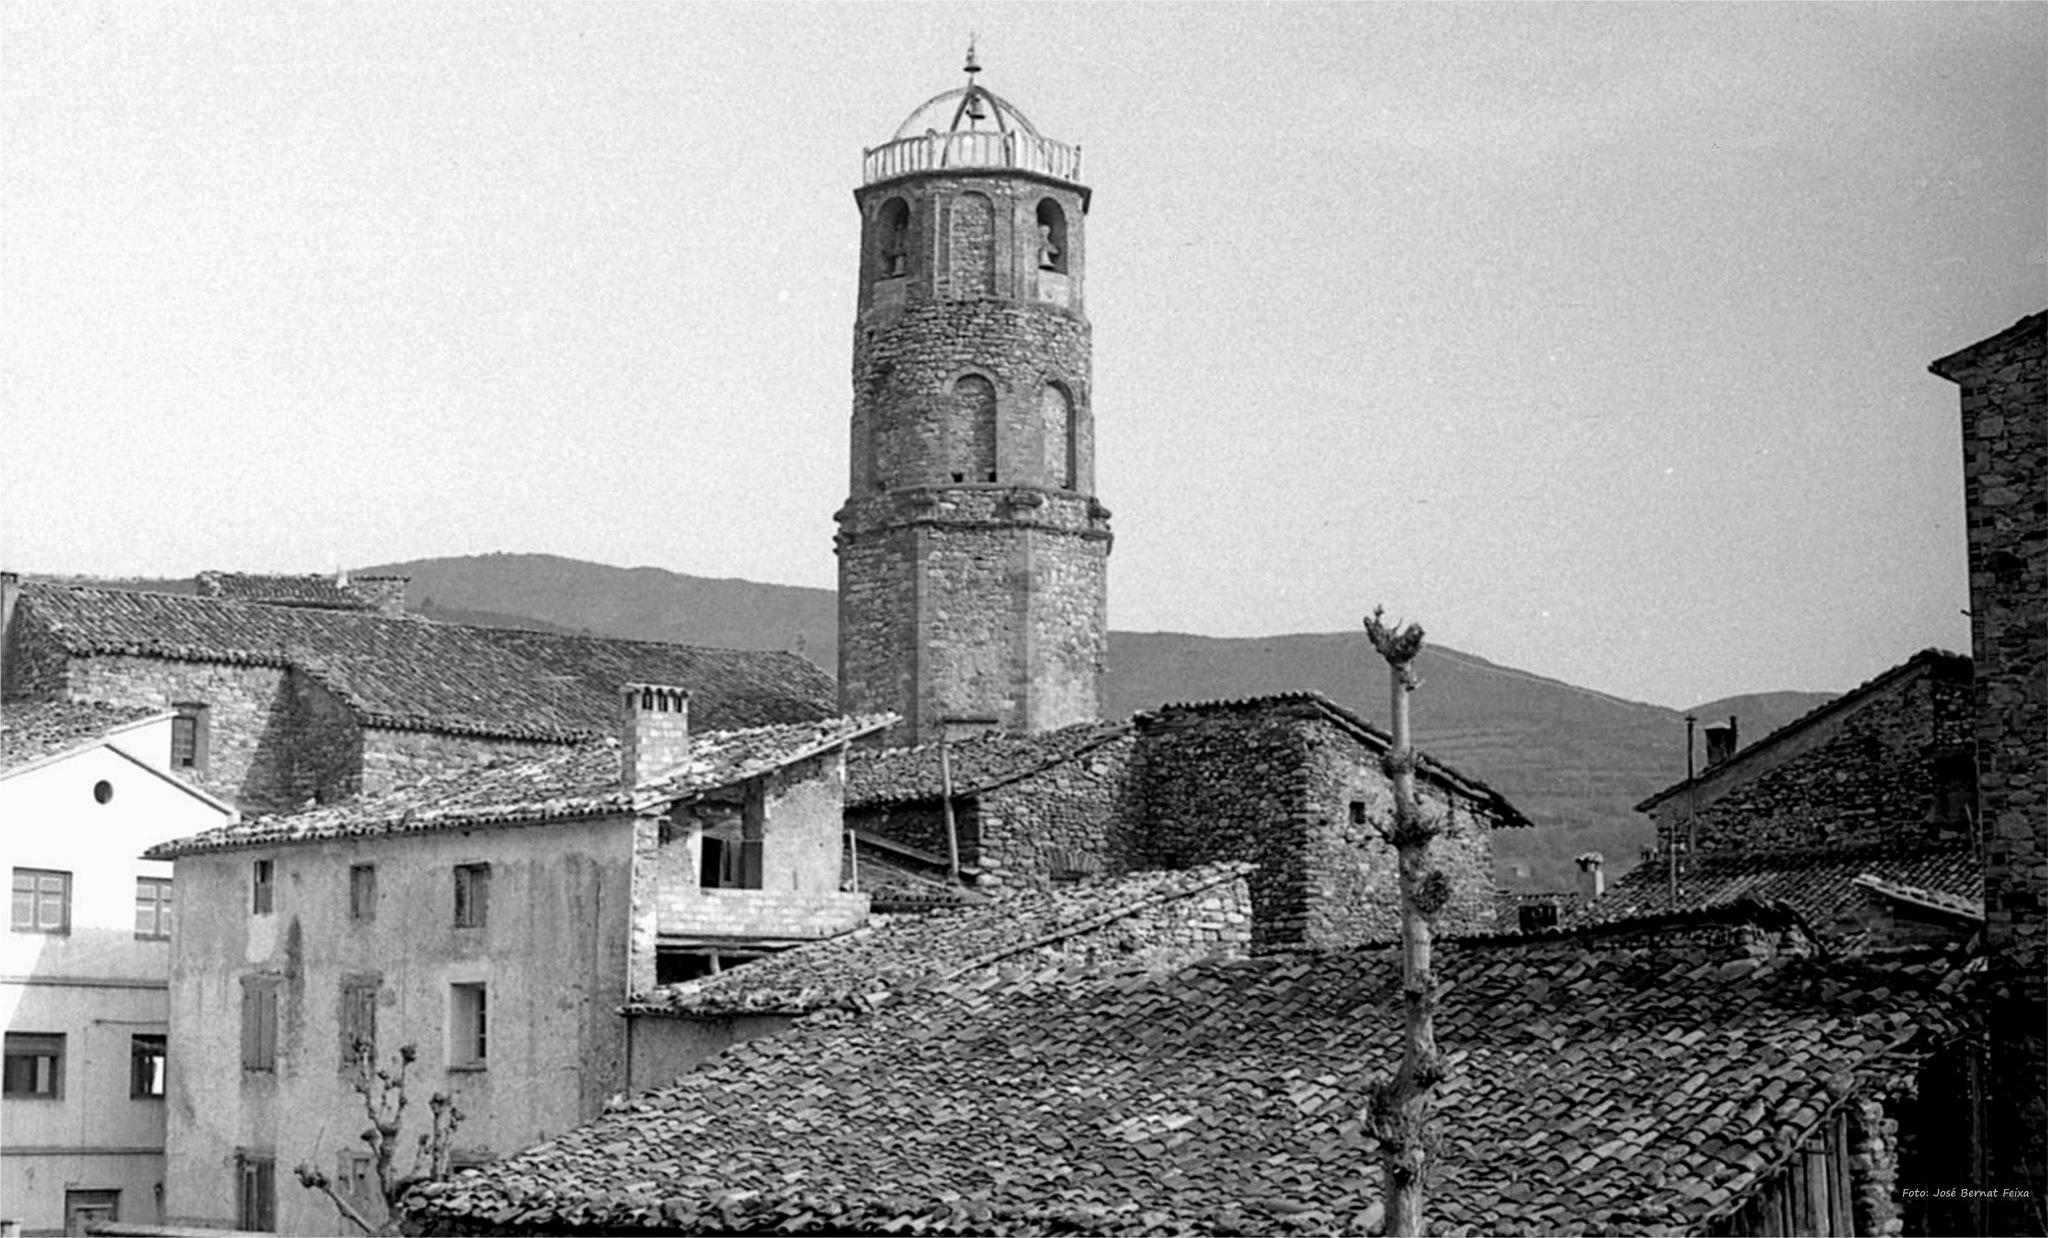 TORRE DE LA IGLESIA; KERKTOREN; CHURCH TOWER (60's) by José Bernat Feixa